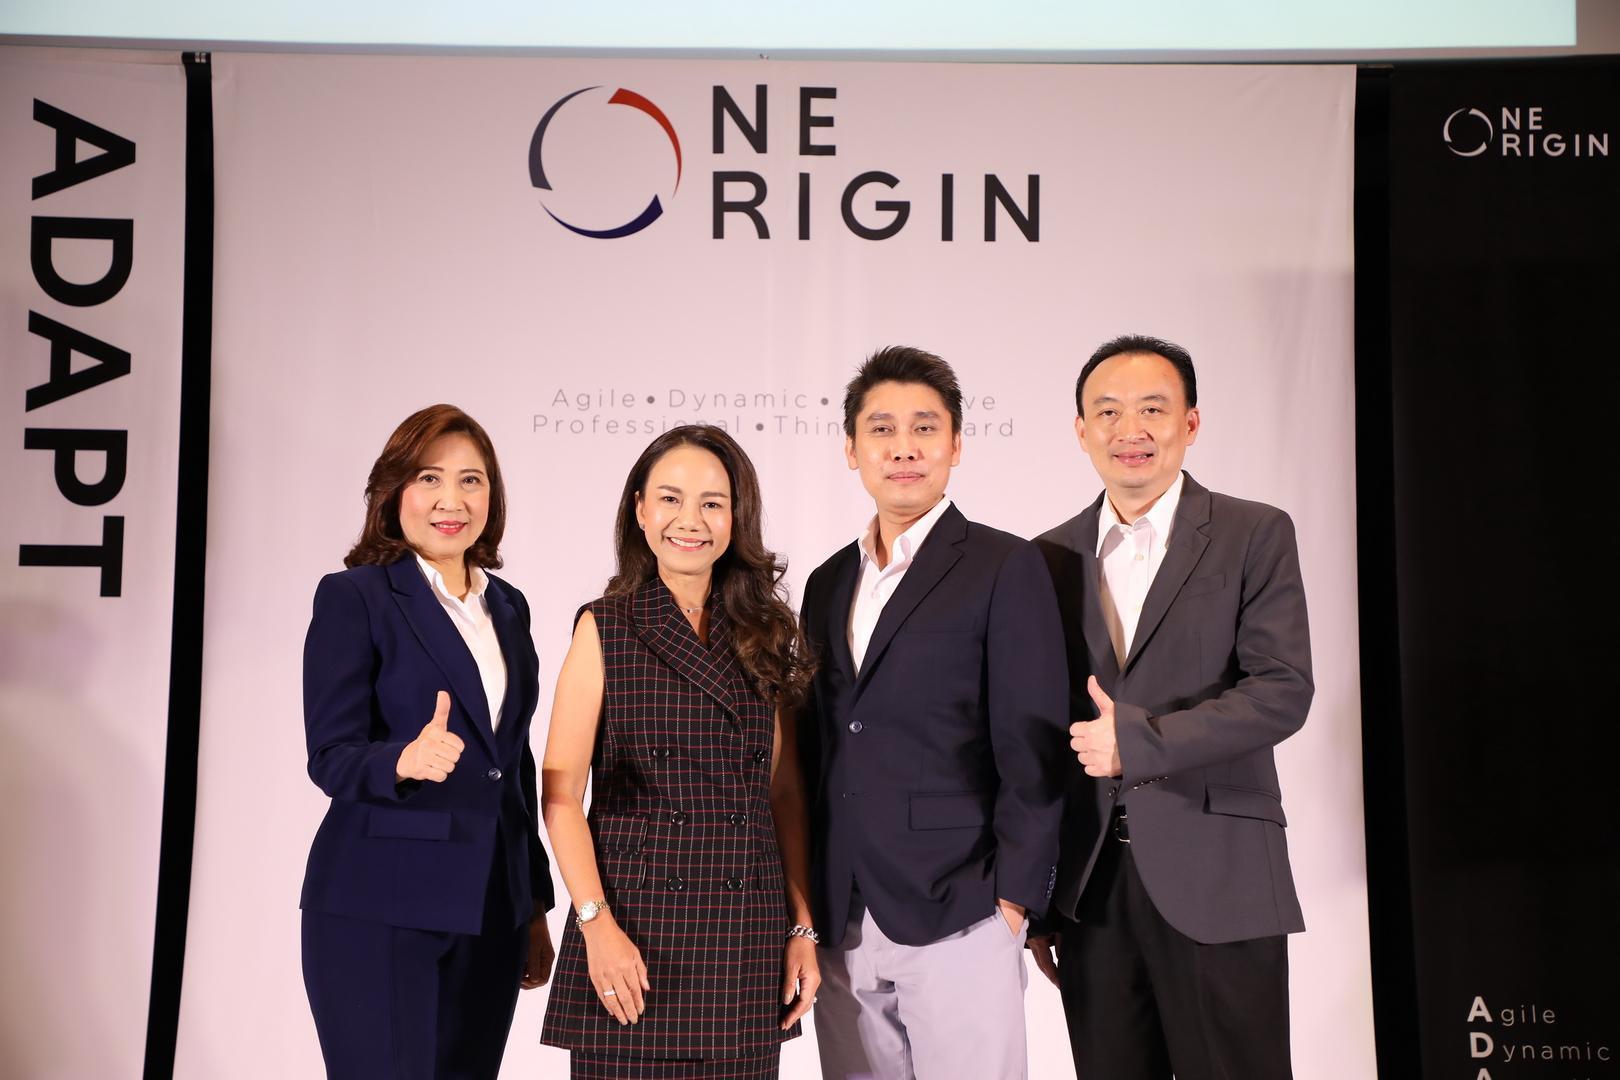 One Origin